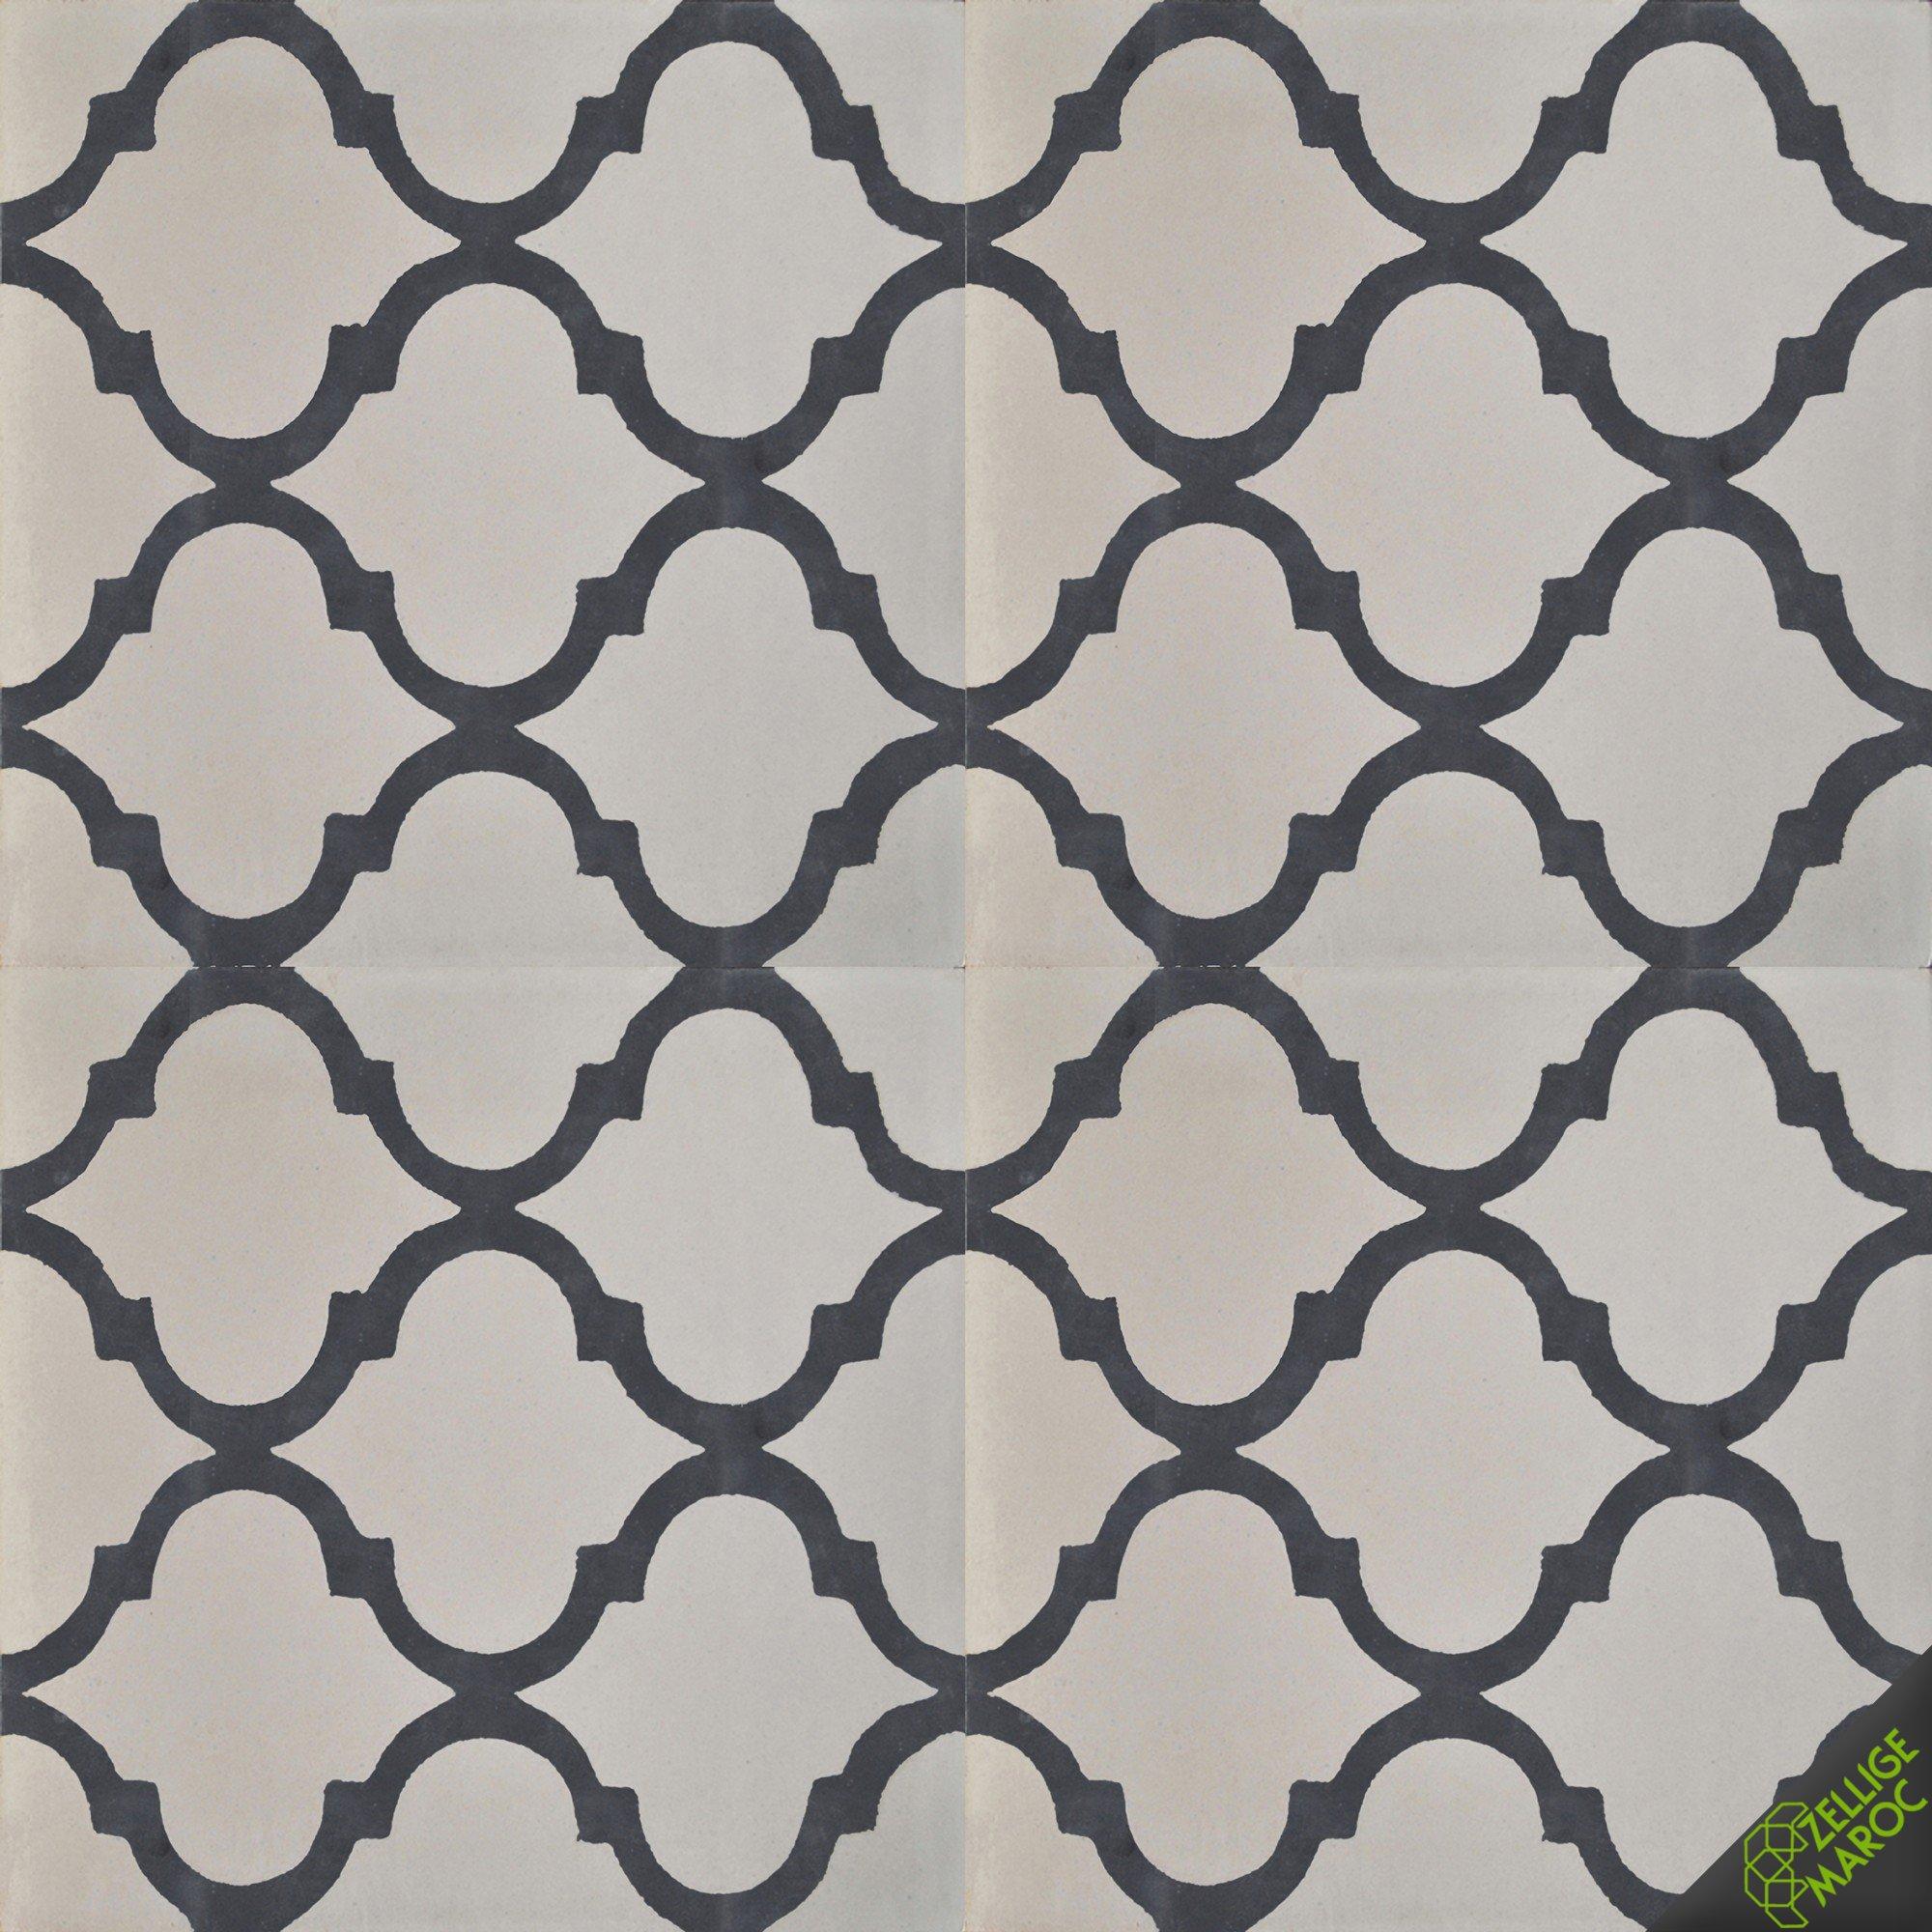 carreaux ciment a15 zellige maroc. Black Bedroom Furniture Sets. Home Design Ideas